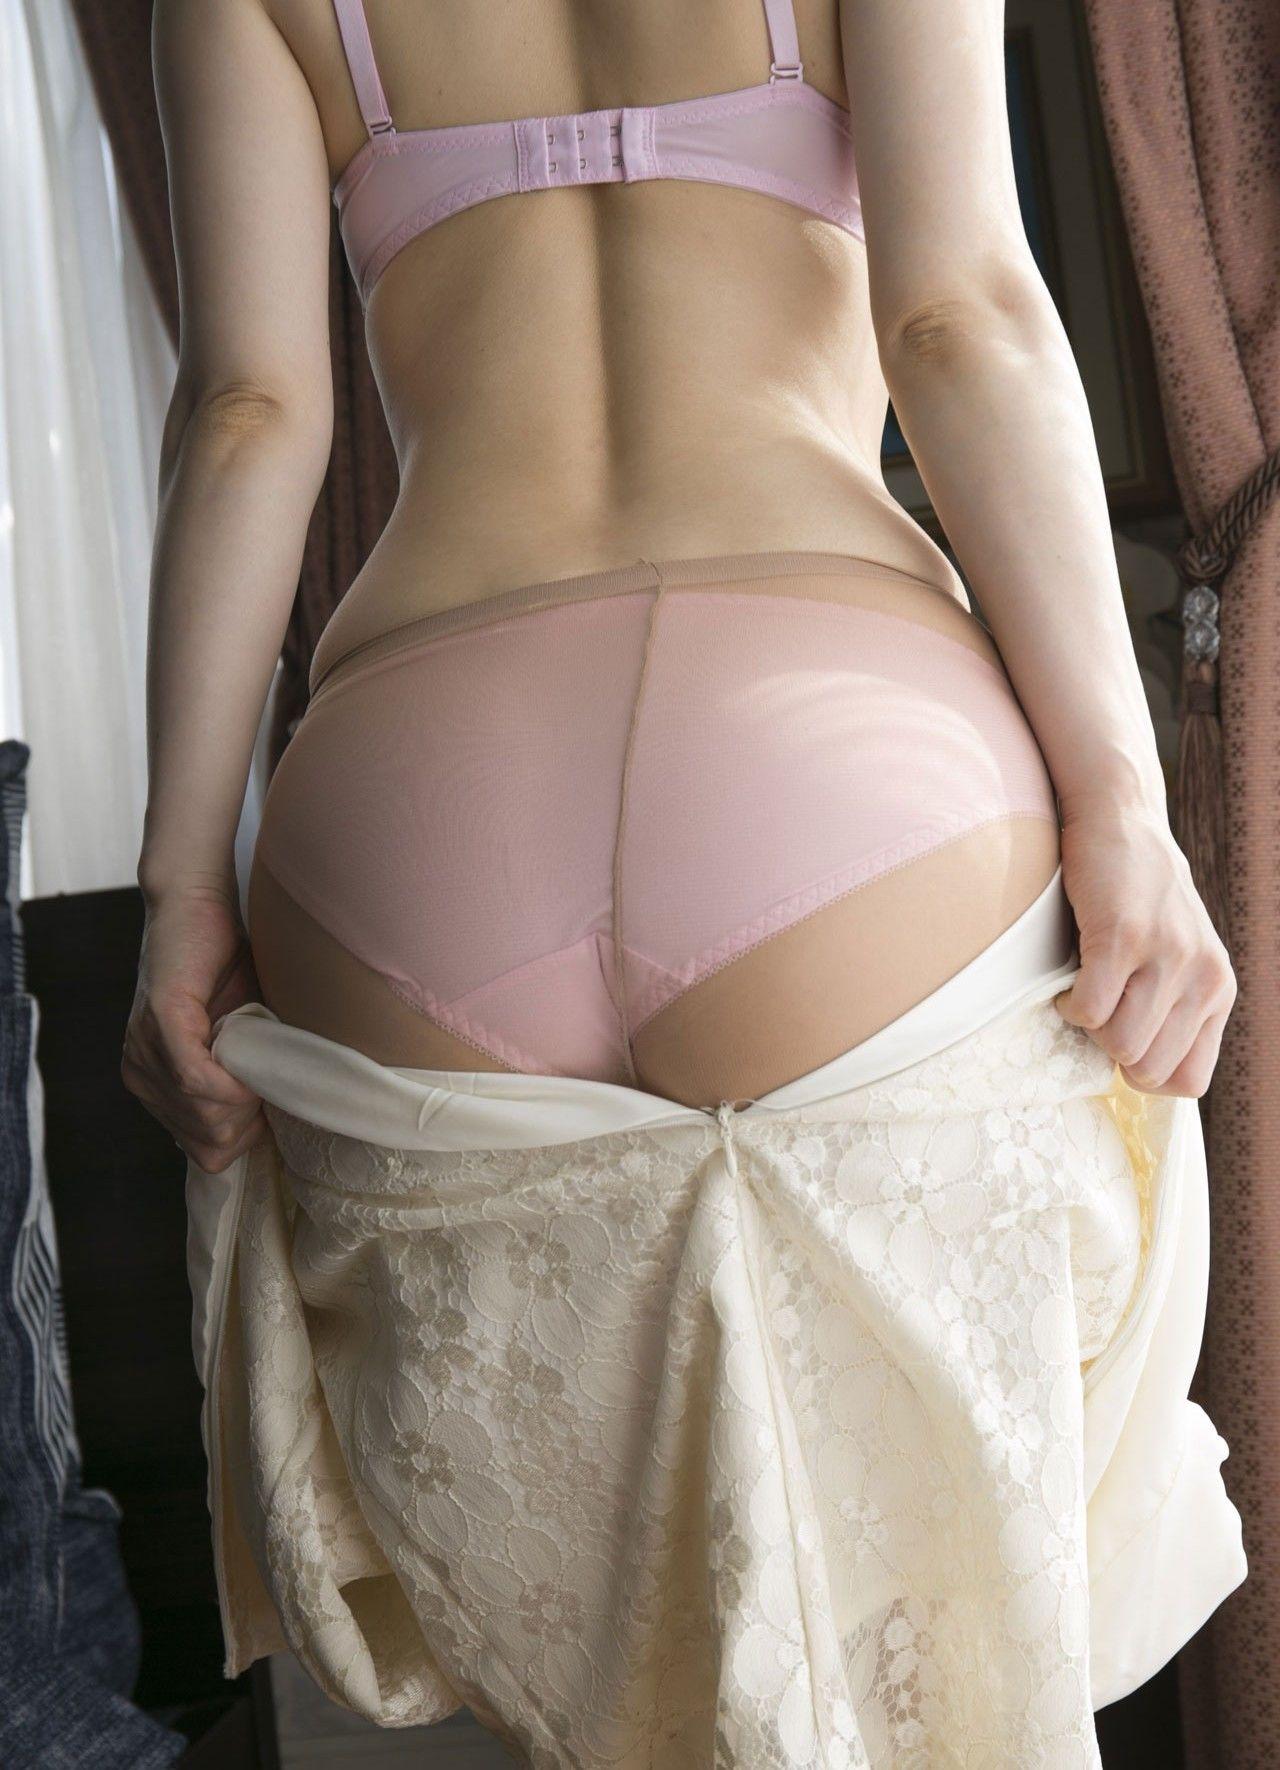 【下着エロ画像】詰まった中身はどんな香り?蒸れてると最高なパンスト尻(;´Д`)